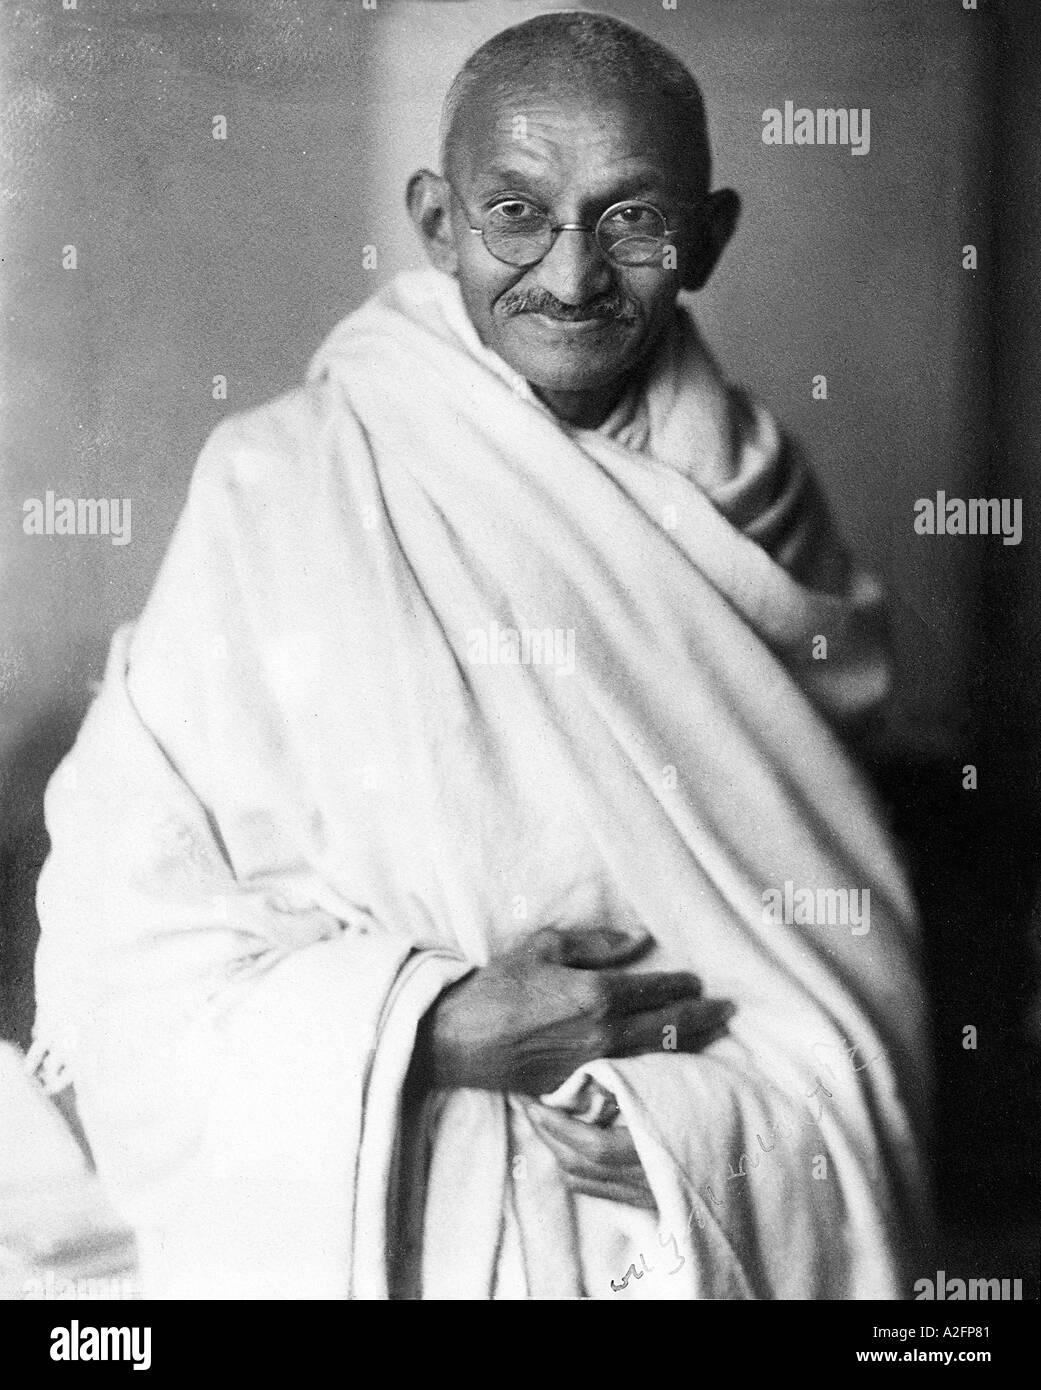 Rare photographie de Mahatma Gandhi prises à Londres Angleterre Royaume-uni à la demande de Lord Irwin Photo Stock